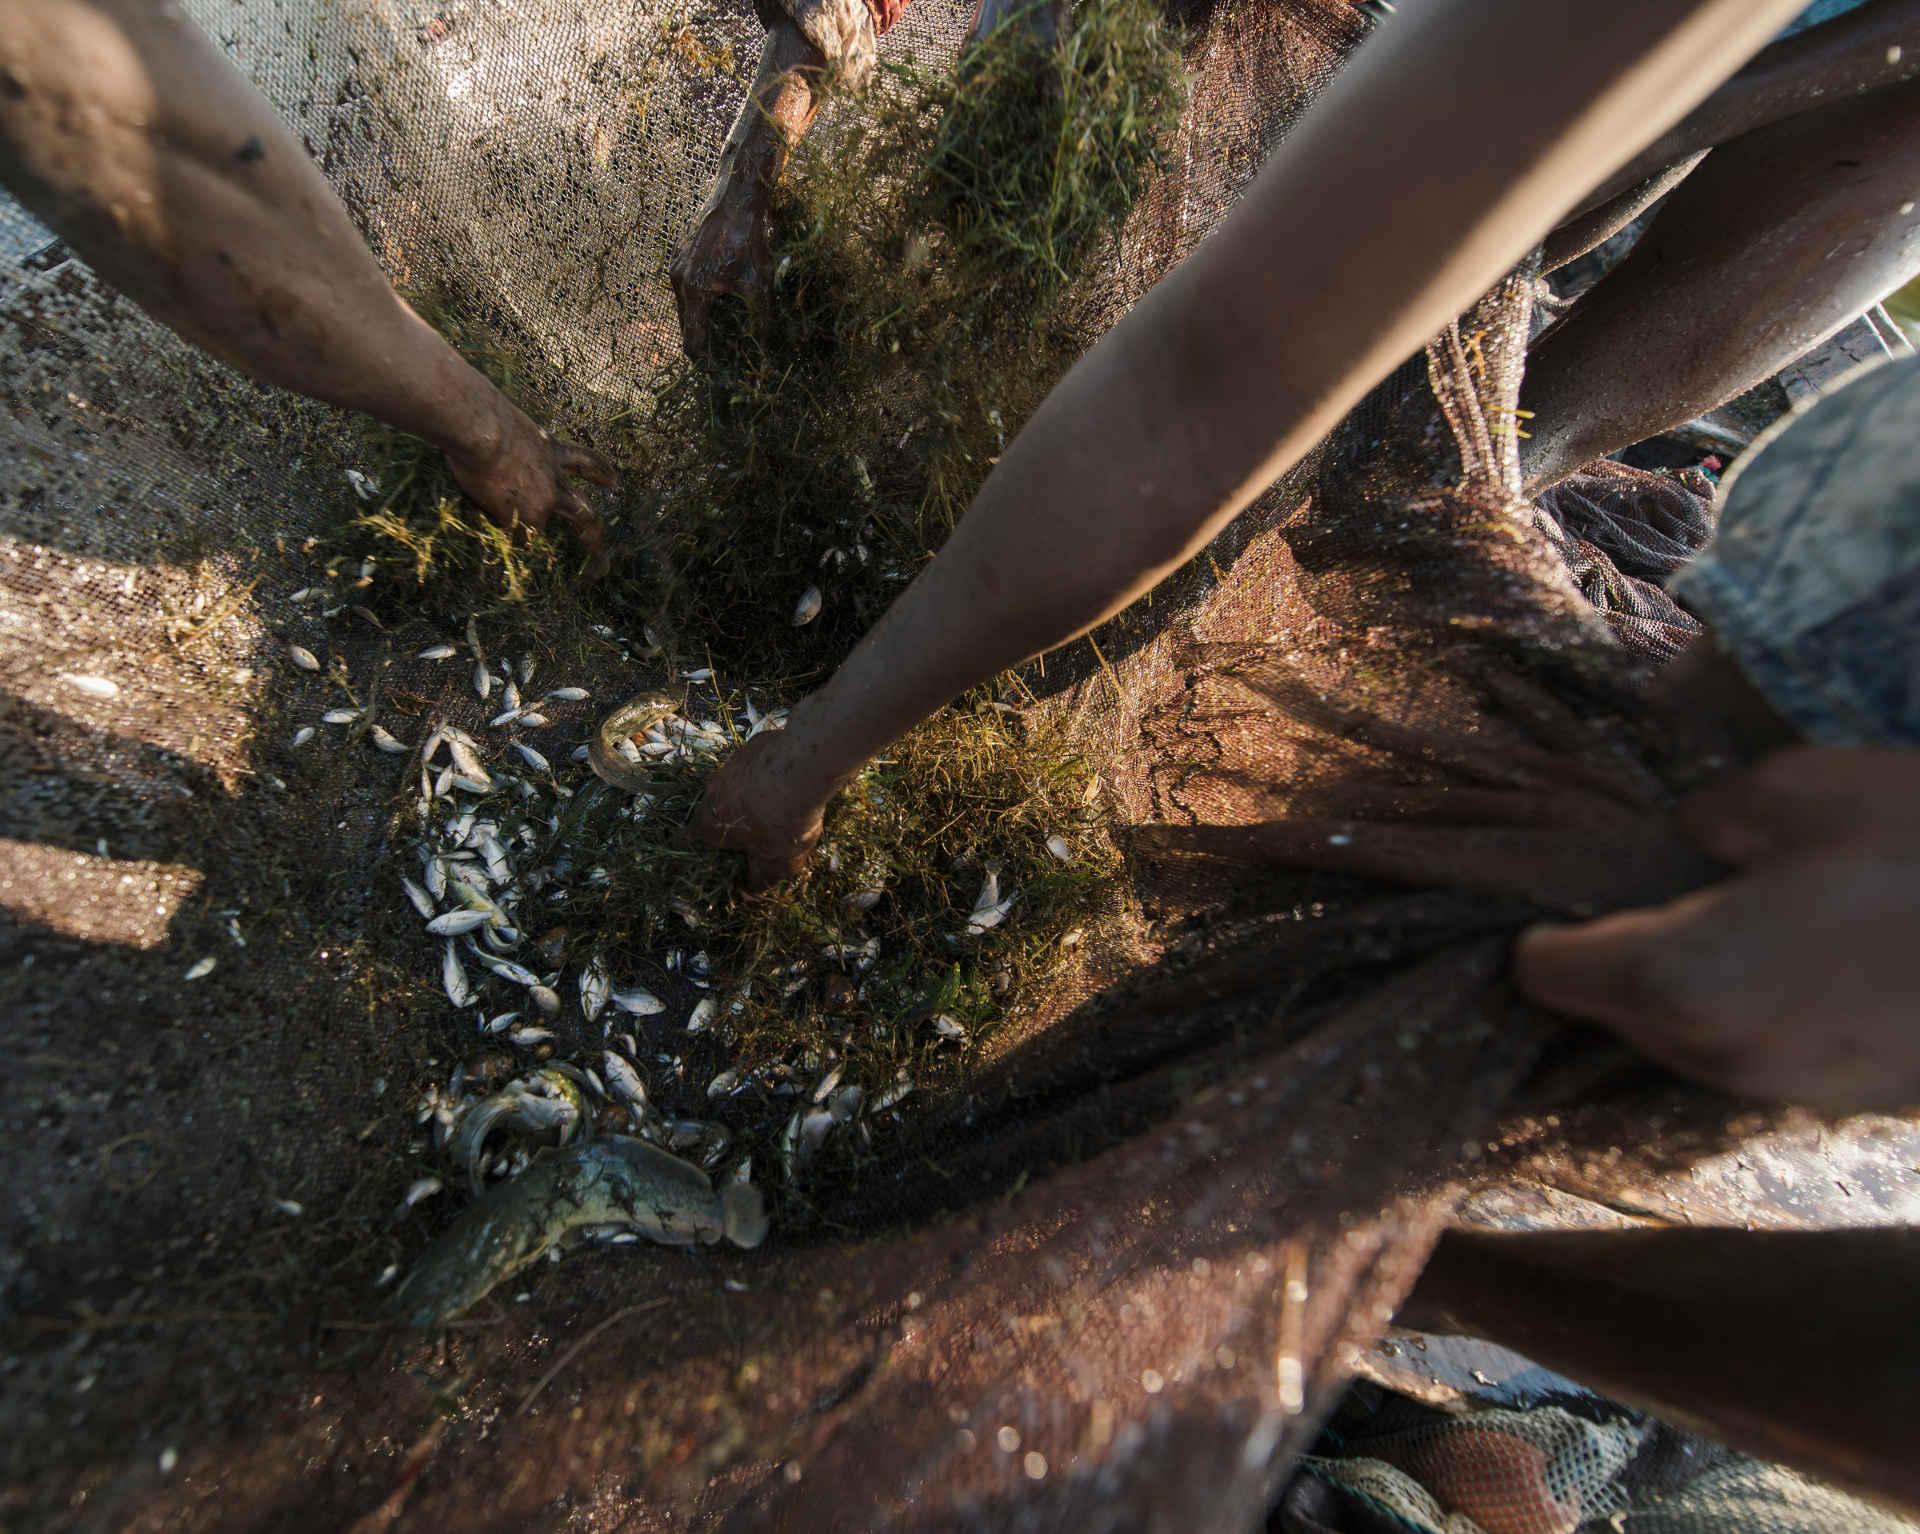 Fischfang mit extrem engmaschigem Netz in Mozaqmbique